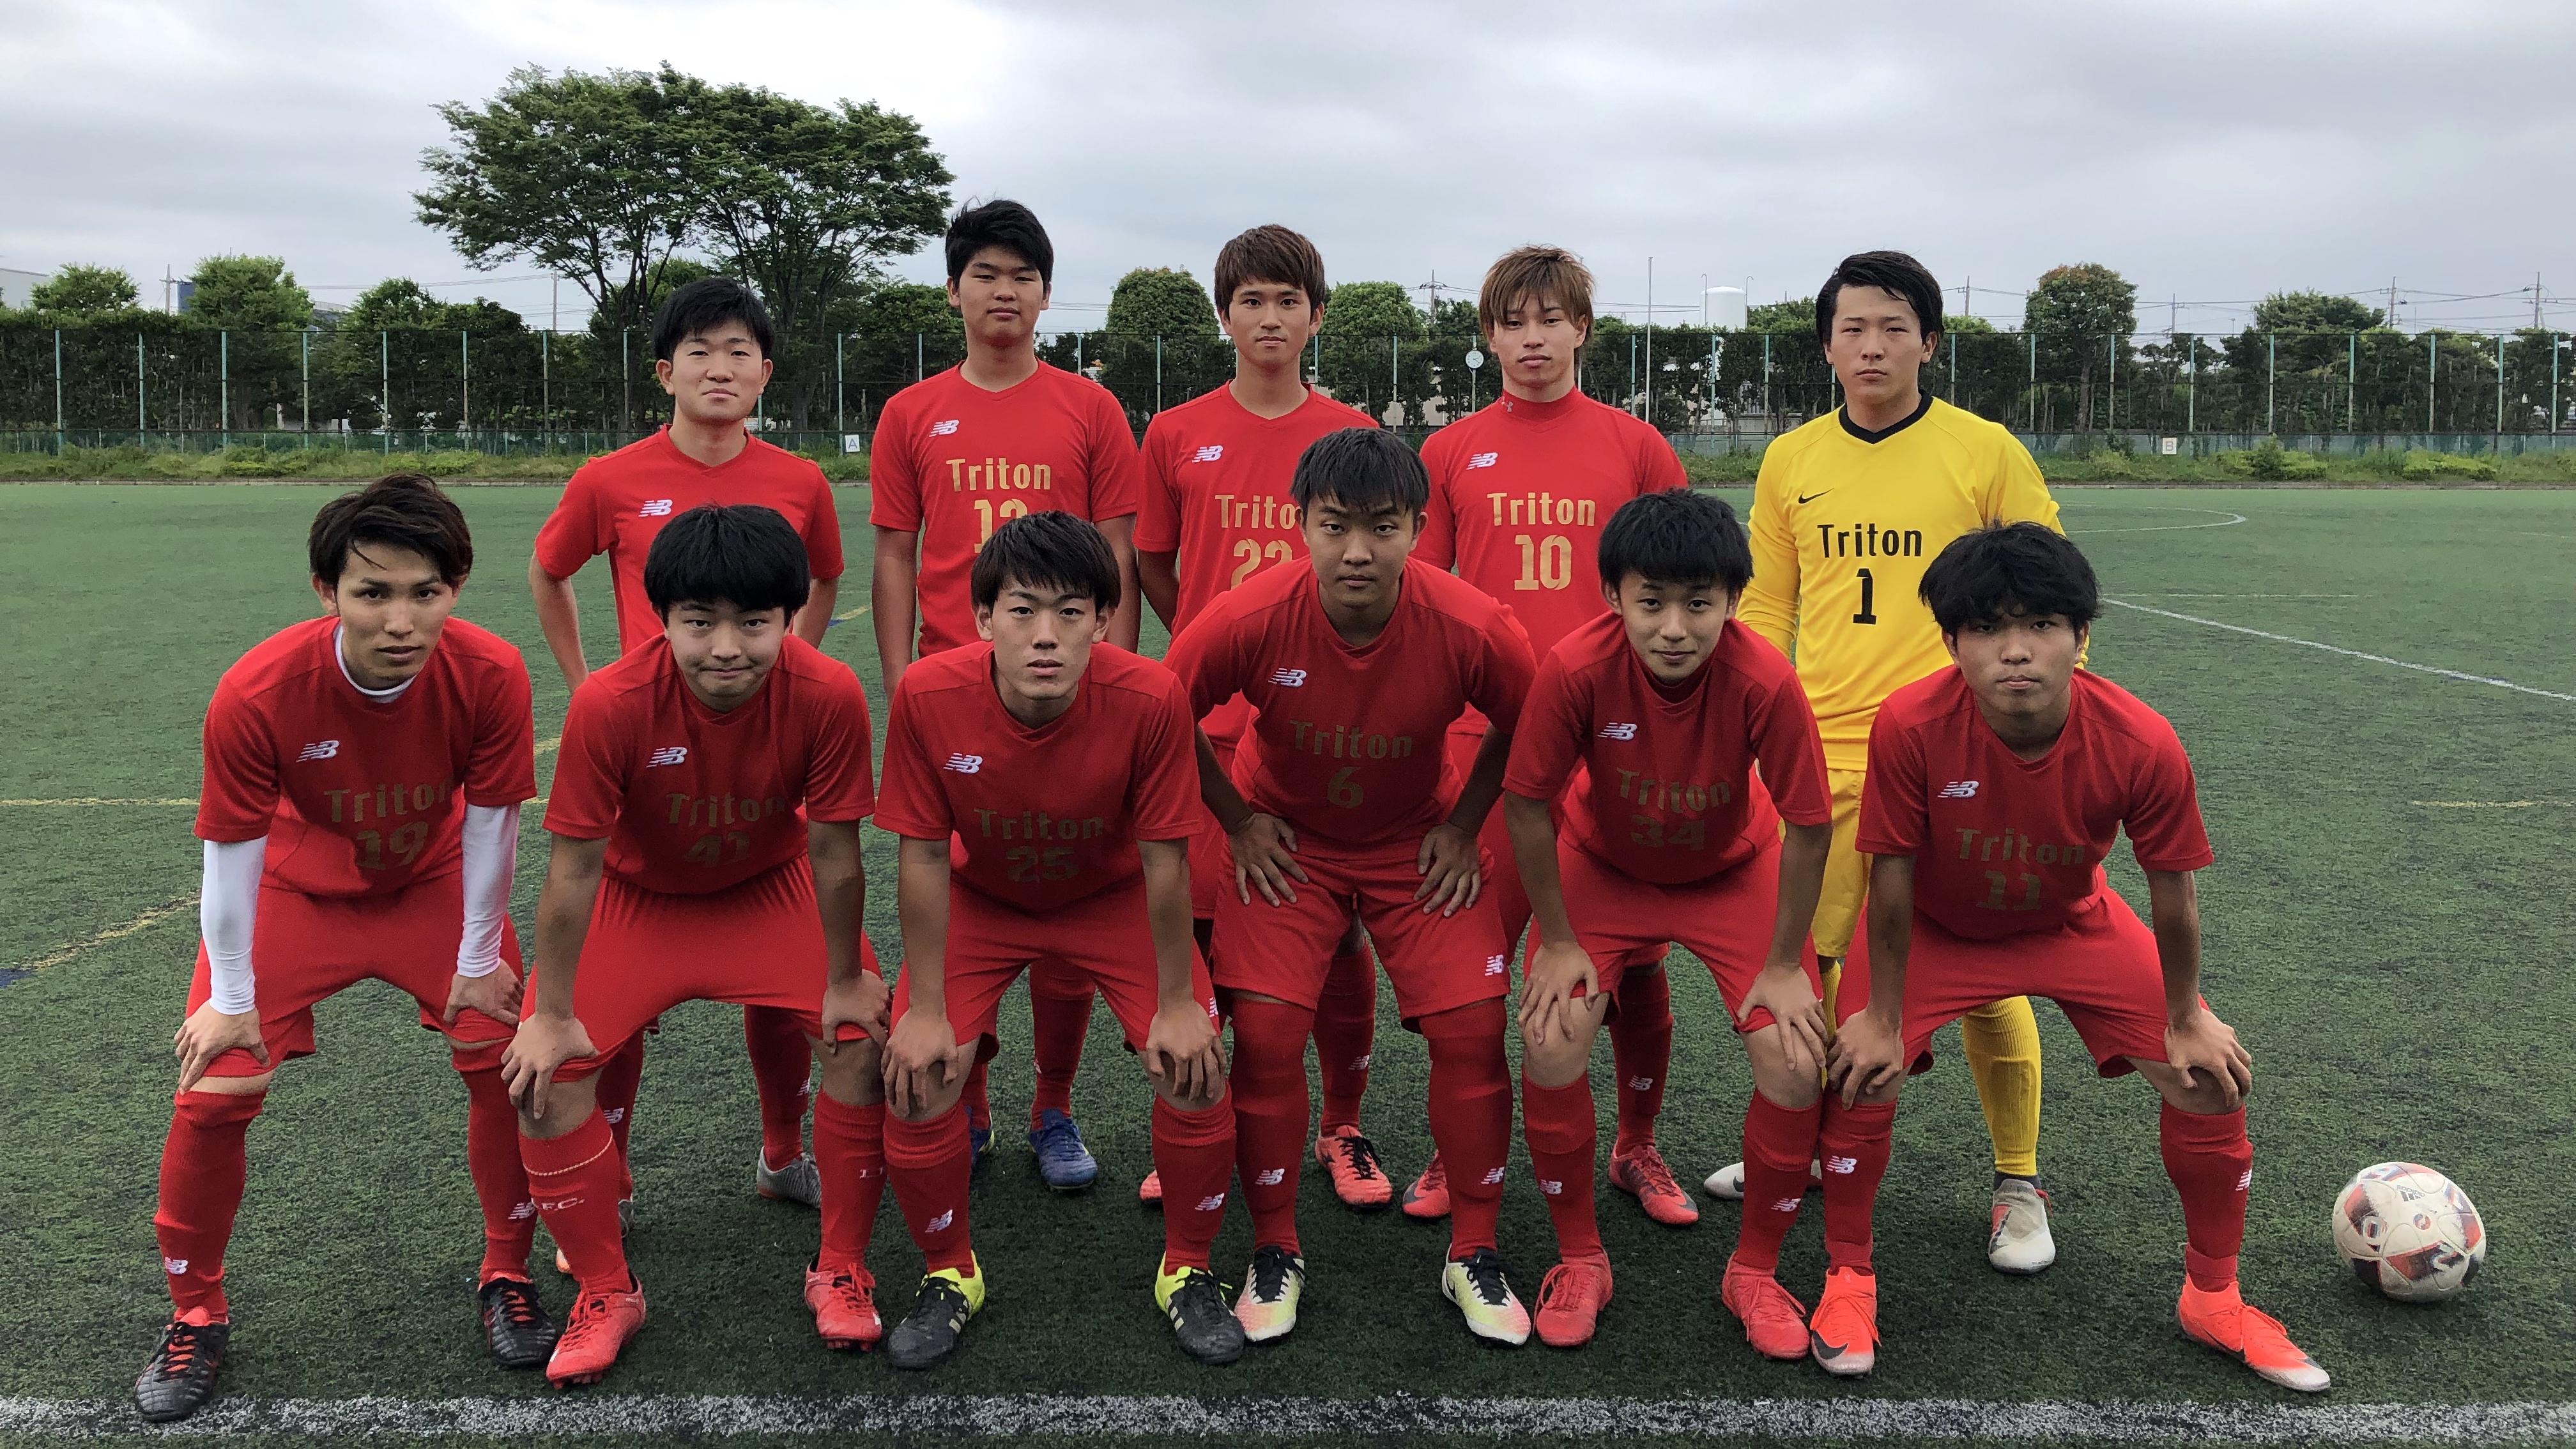 神奈川県3部に所属する社会人チームです。現在約30名の所属で、競技志向とエンジョイ志向で別れてリーグに参戦しています。藤沢市内外の練習場所で毎週土曜日にトレーニング致します。